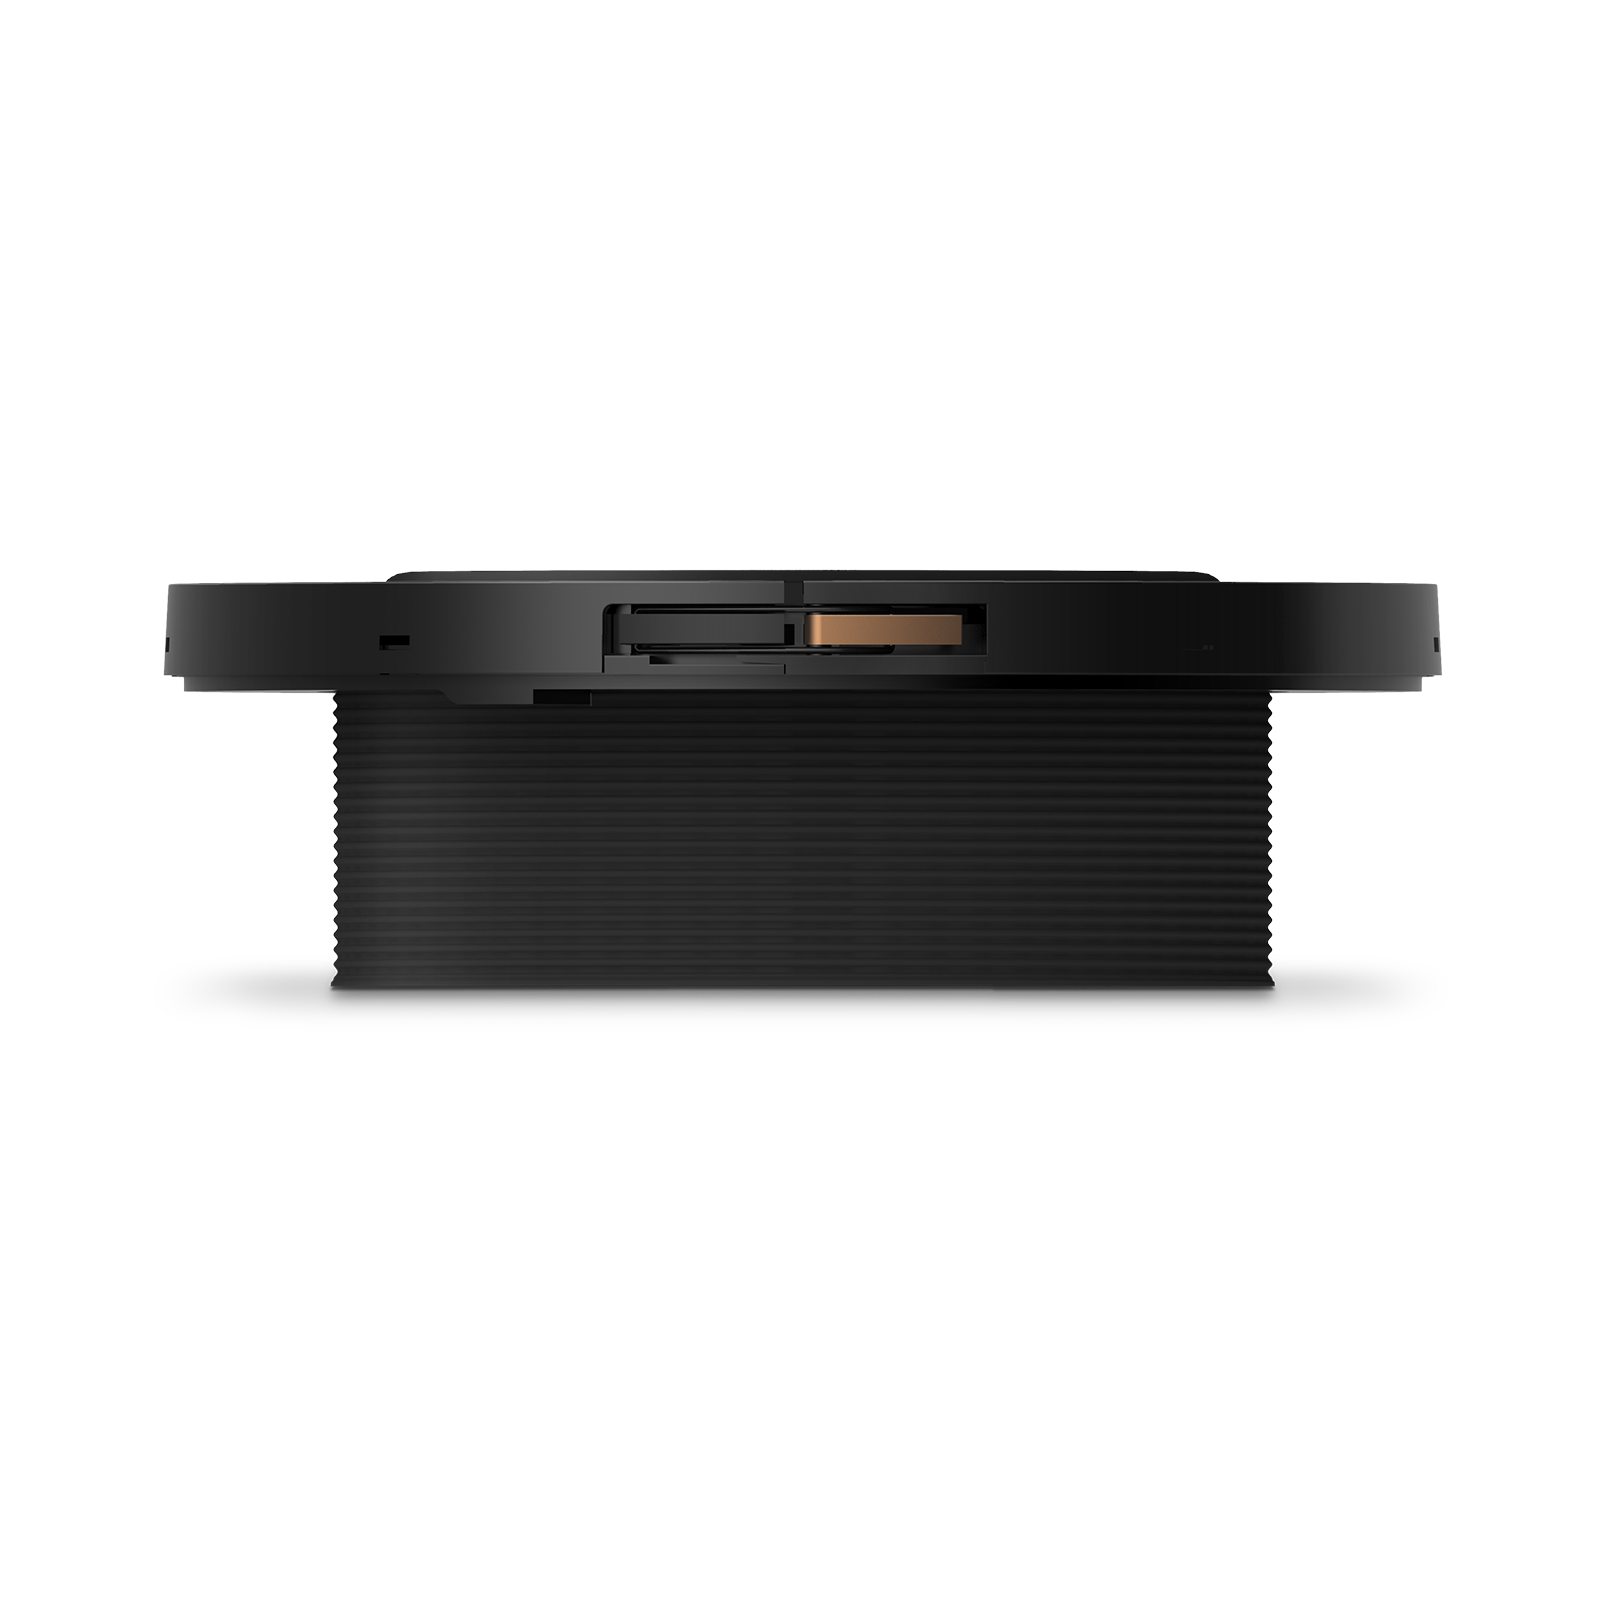 """Reference Flex Woofer 8d - Black - 8"""" (200mm) adjustable depth car audio subwoofers optimized for factory location upgrades - Detailshot 2"""